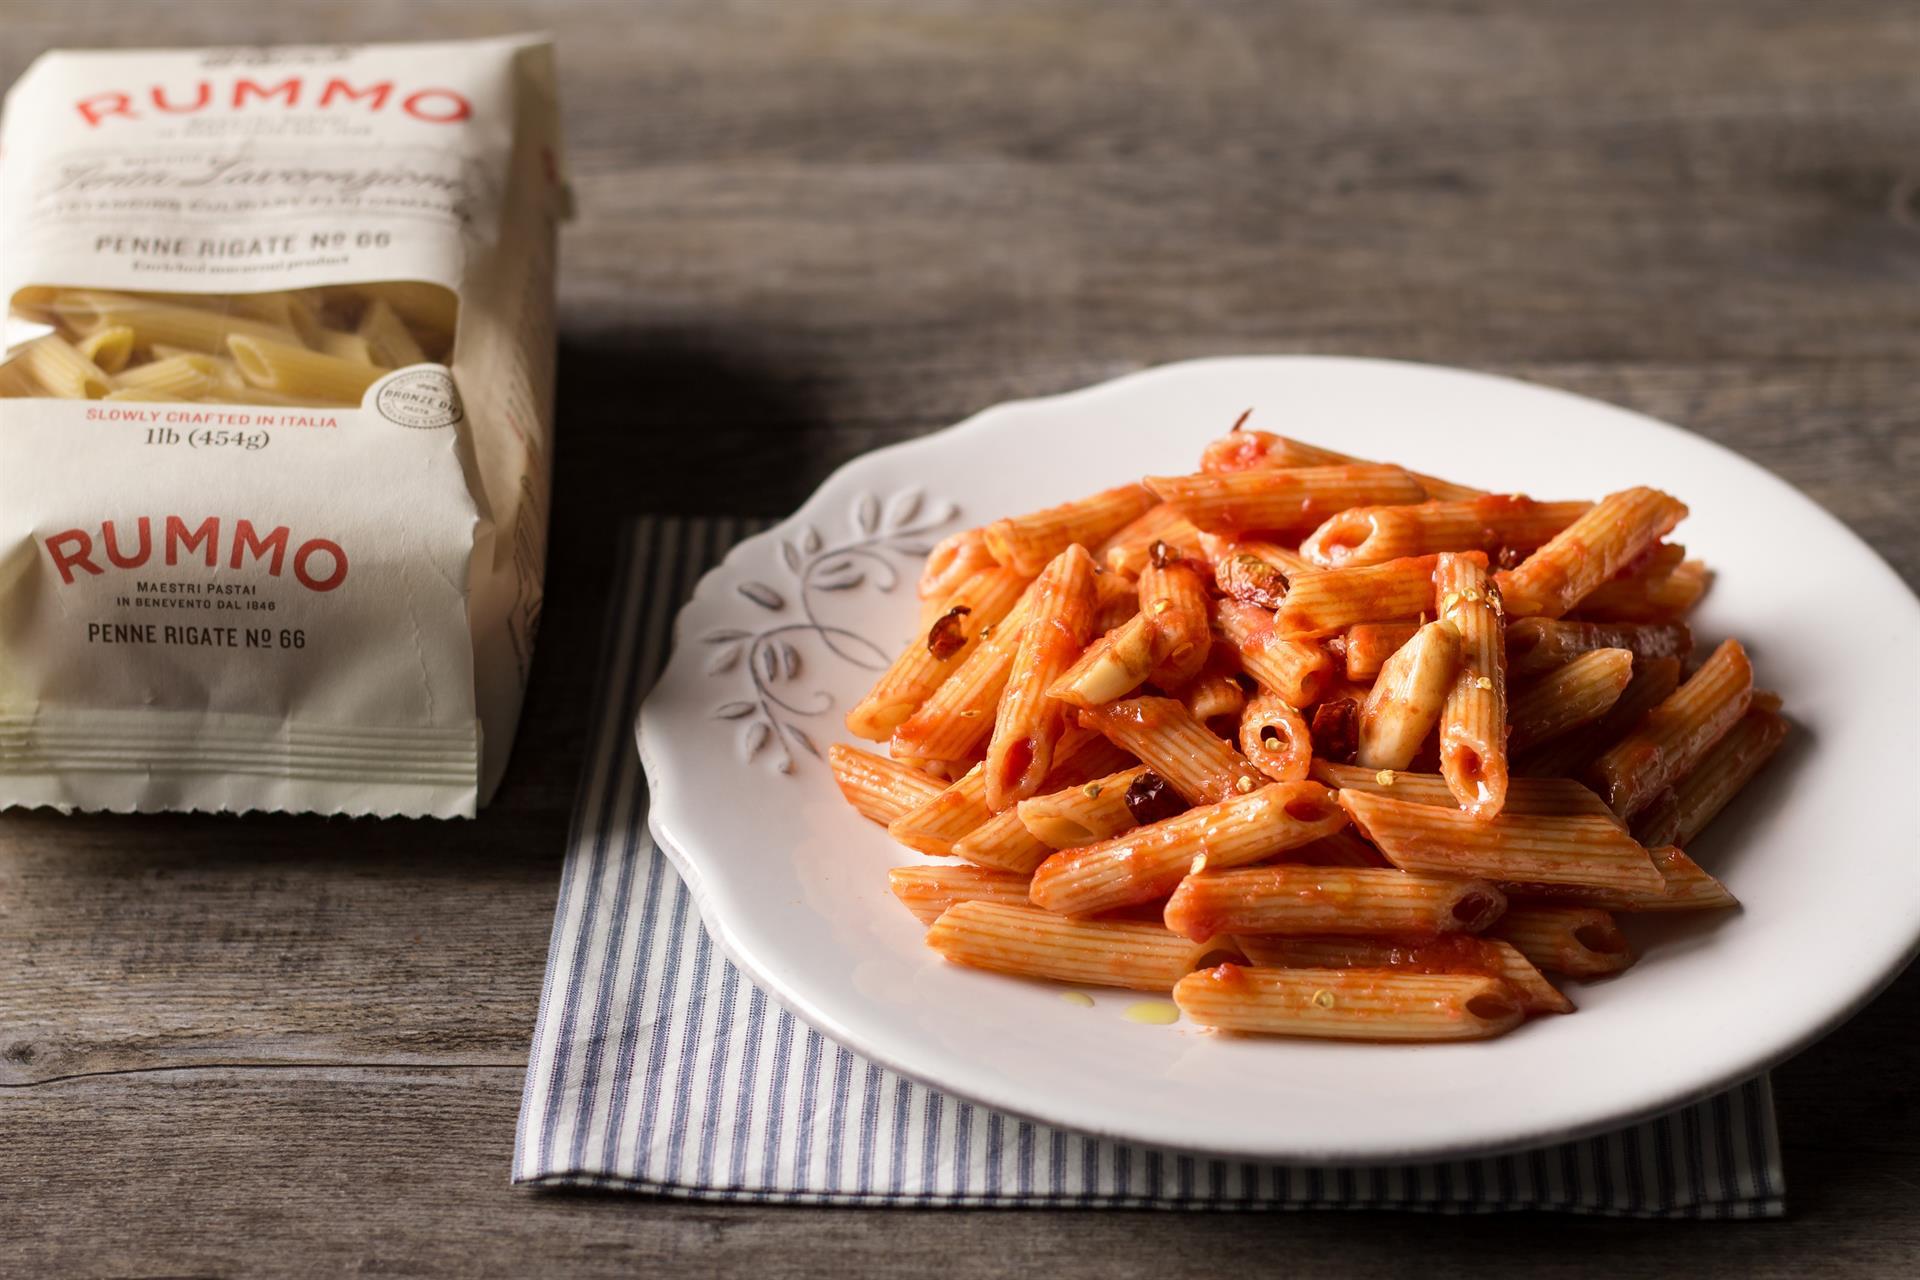 Pasta Rummo, La Montecarlo e il Cinema Italiano, insieme per beneficenza